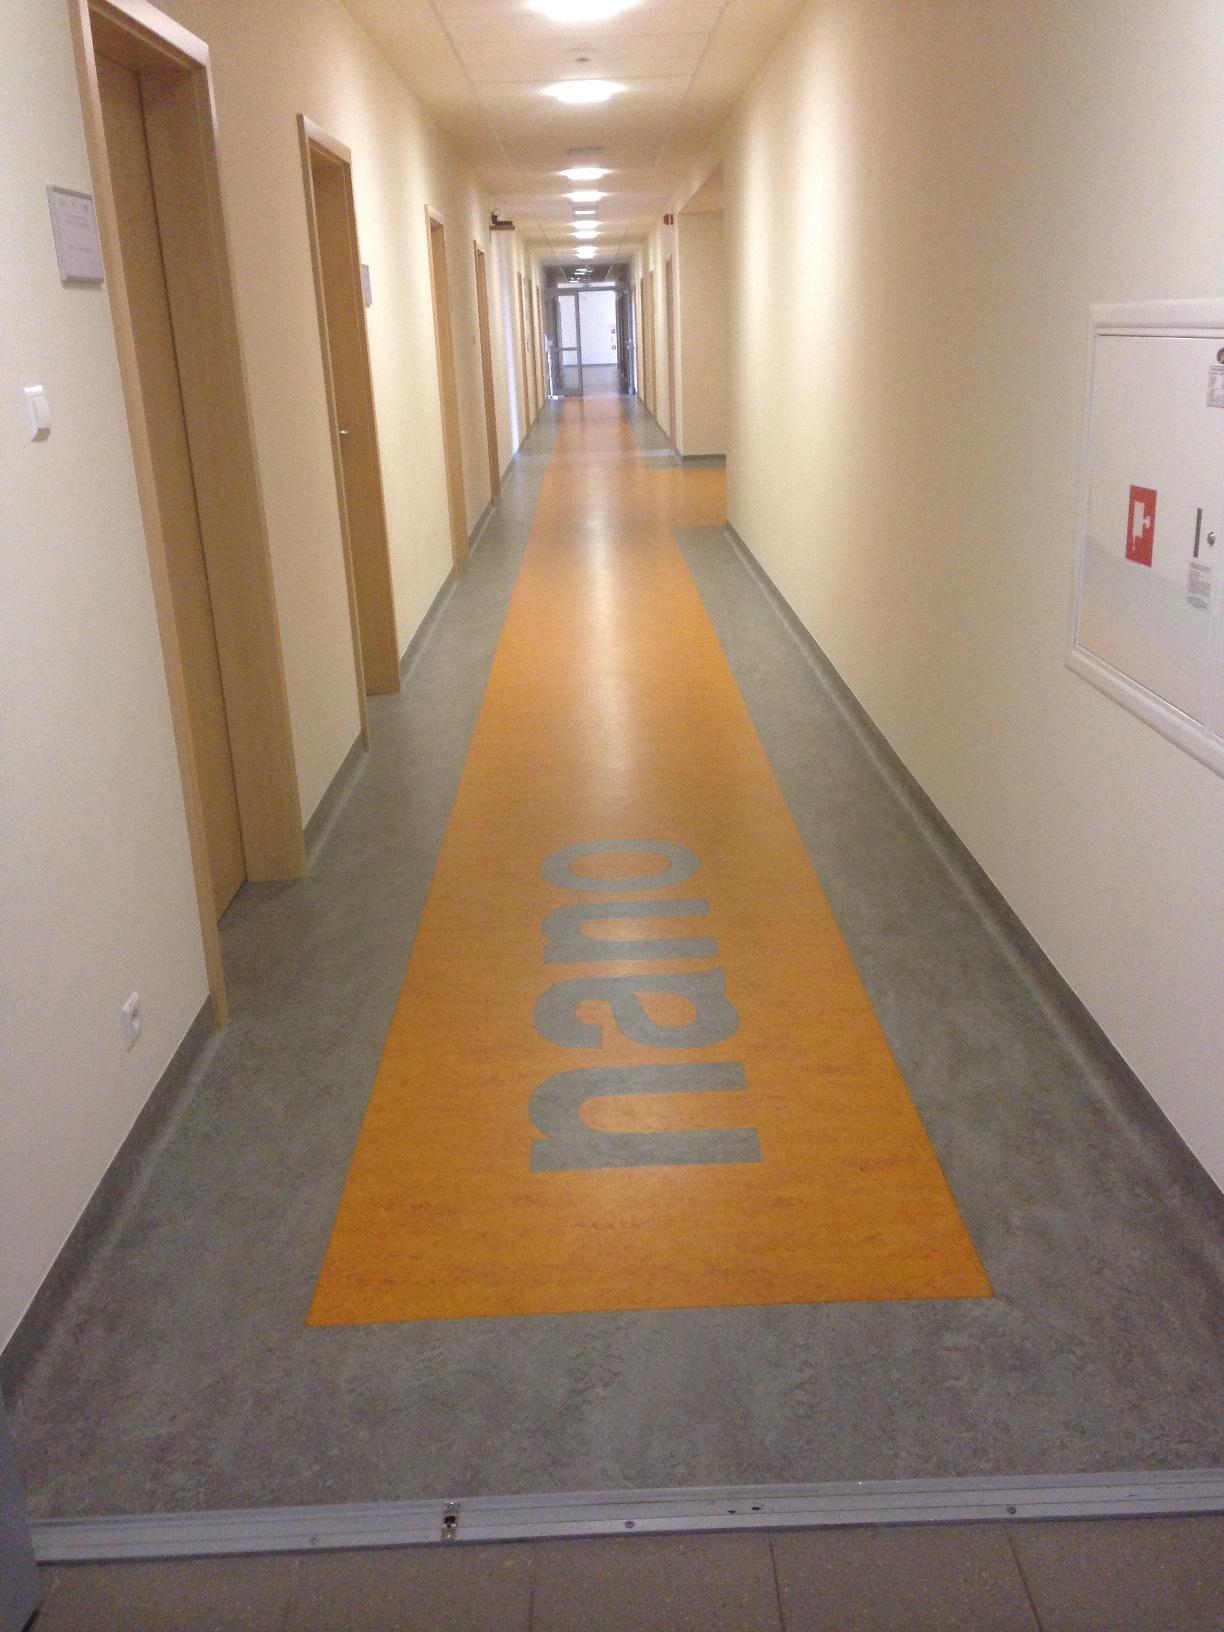 3 piętro - korytarz z wyodrębnionym kontrastowo traktem komunikacyjnym